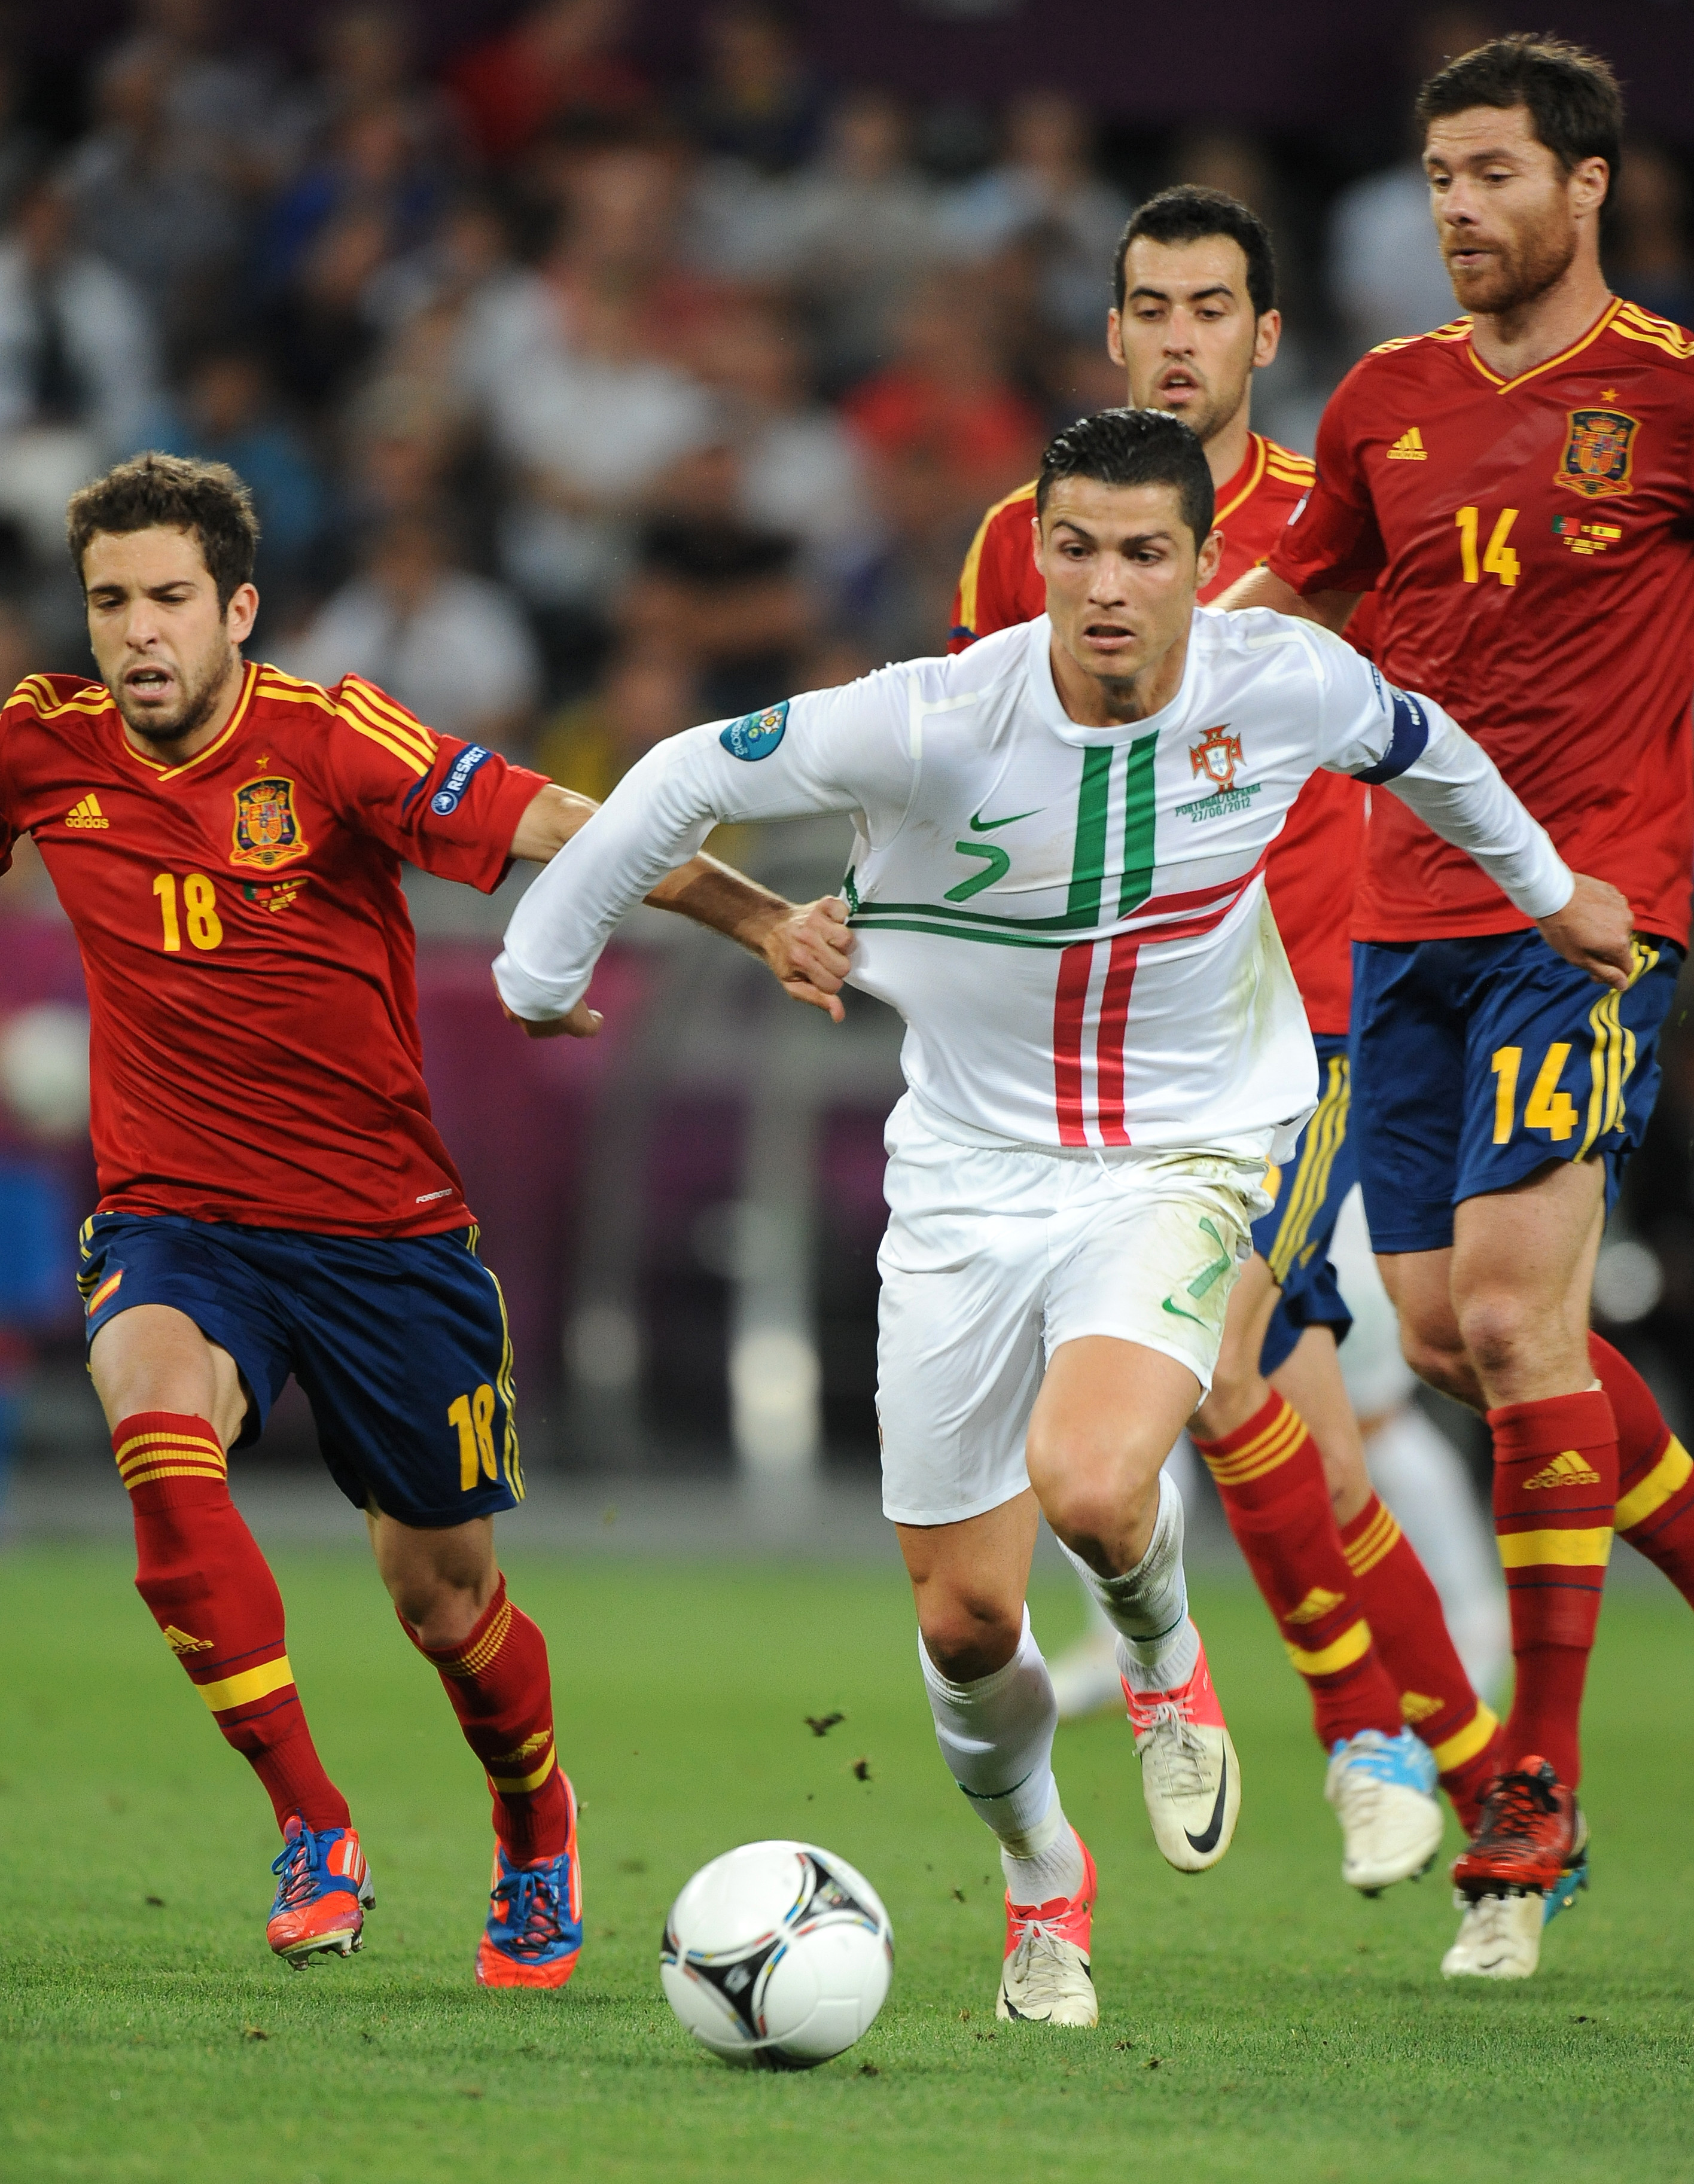 Чемпионат мира футболу 2010 онлайн испания португалия